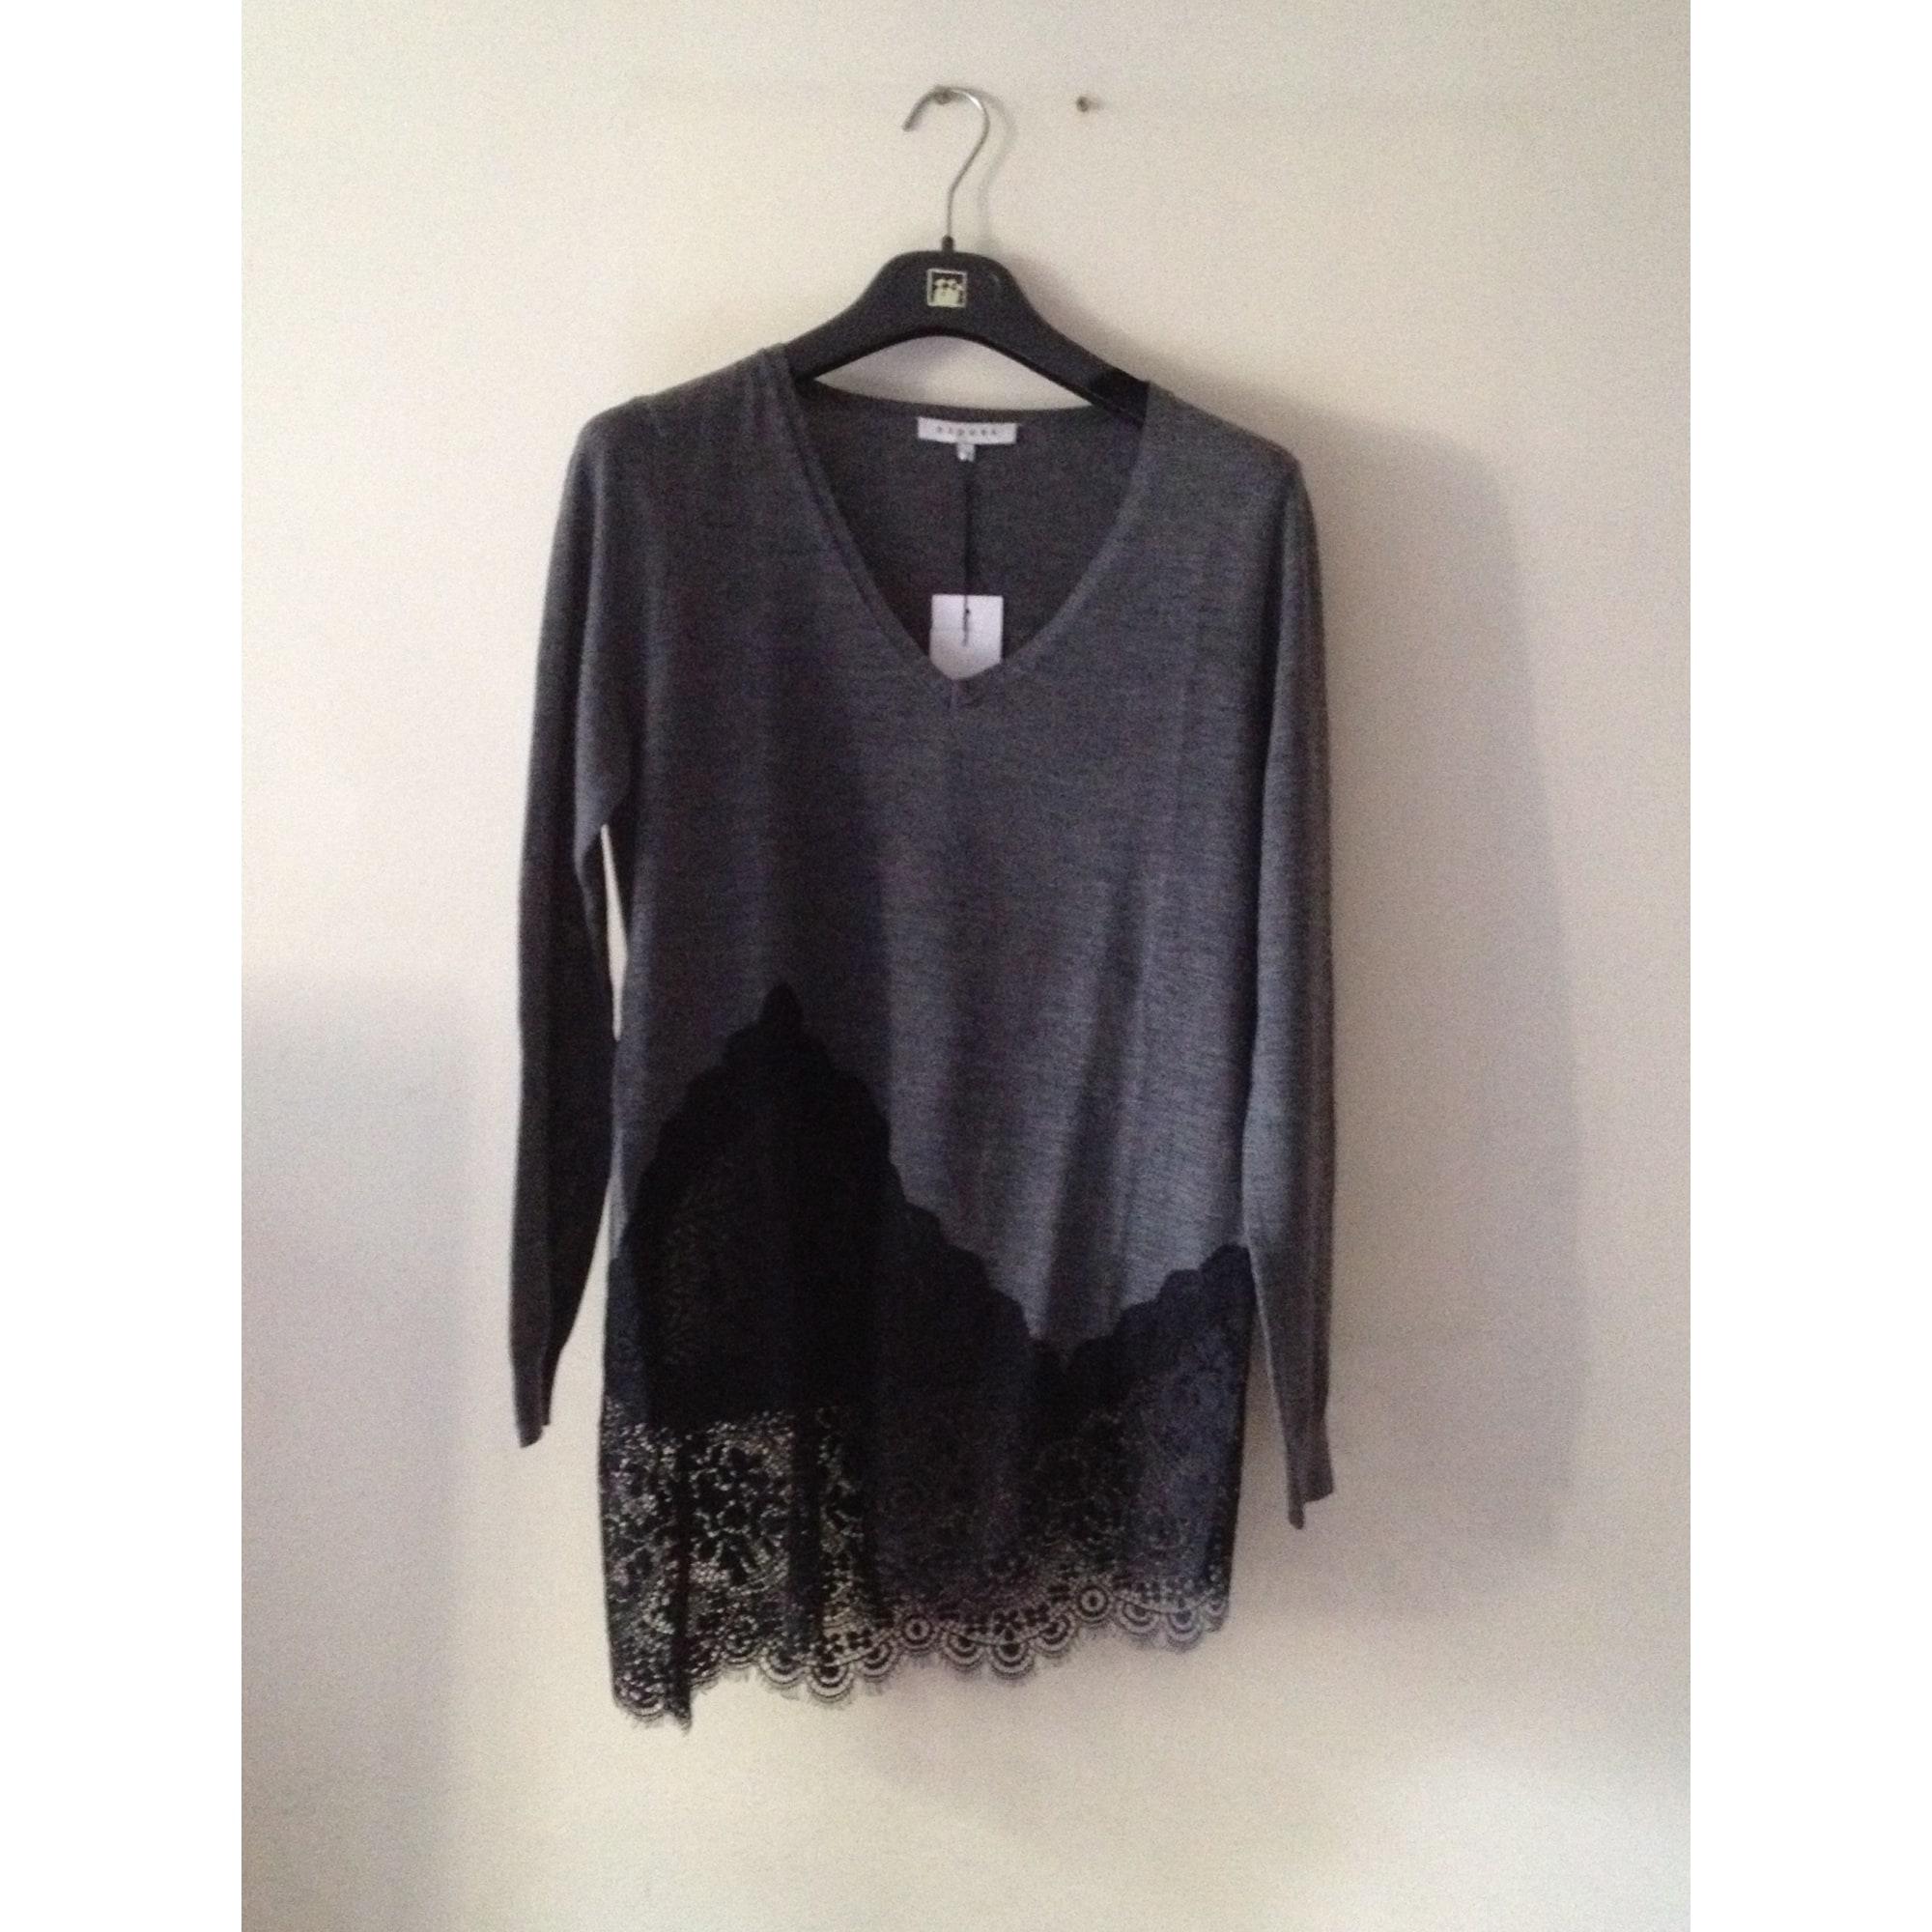 3c676cca460 Tunic Sweater SANDRO 36 (S, T1) gray vendu par Shopname58745 ...